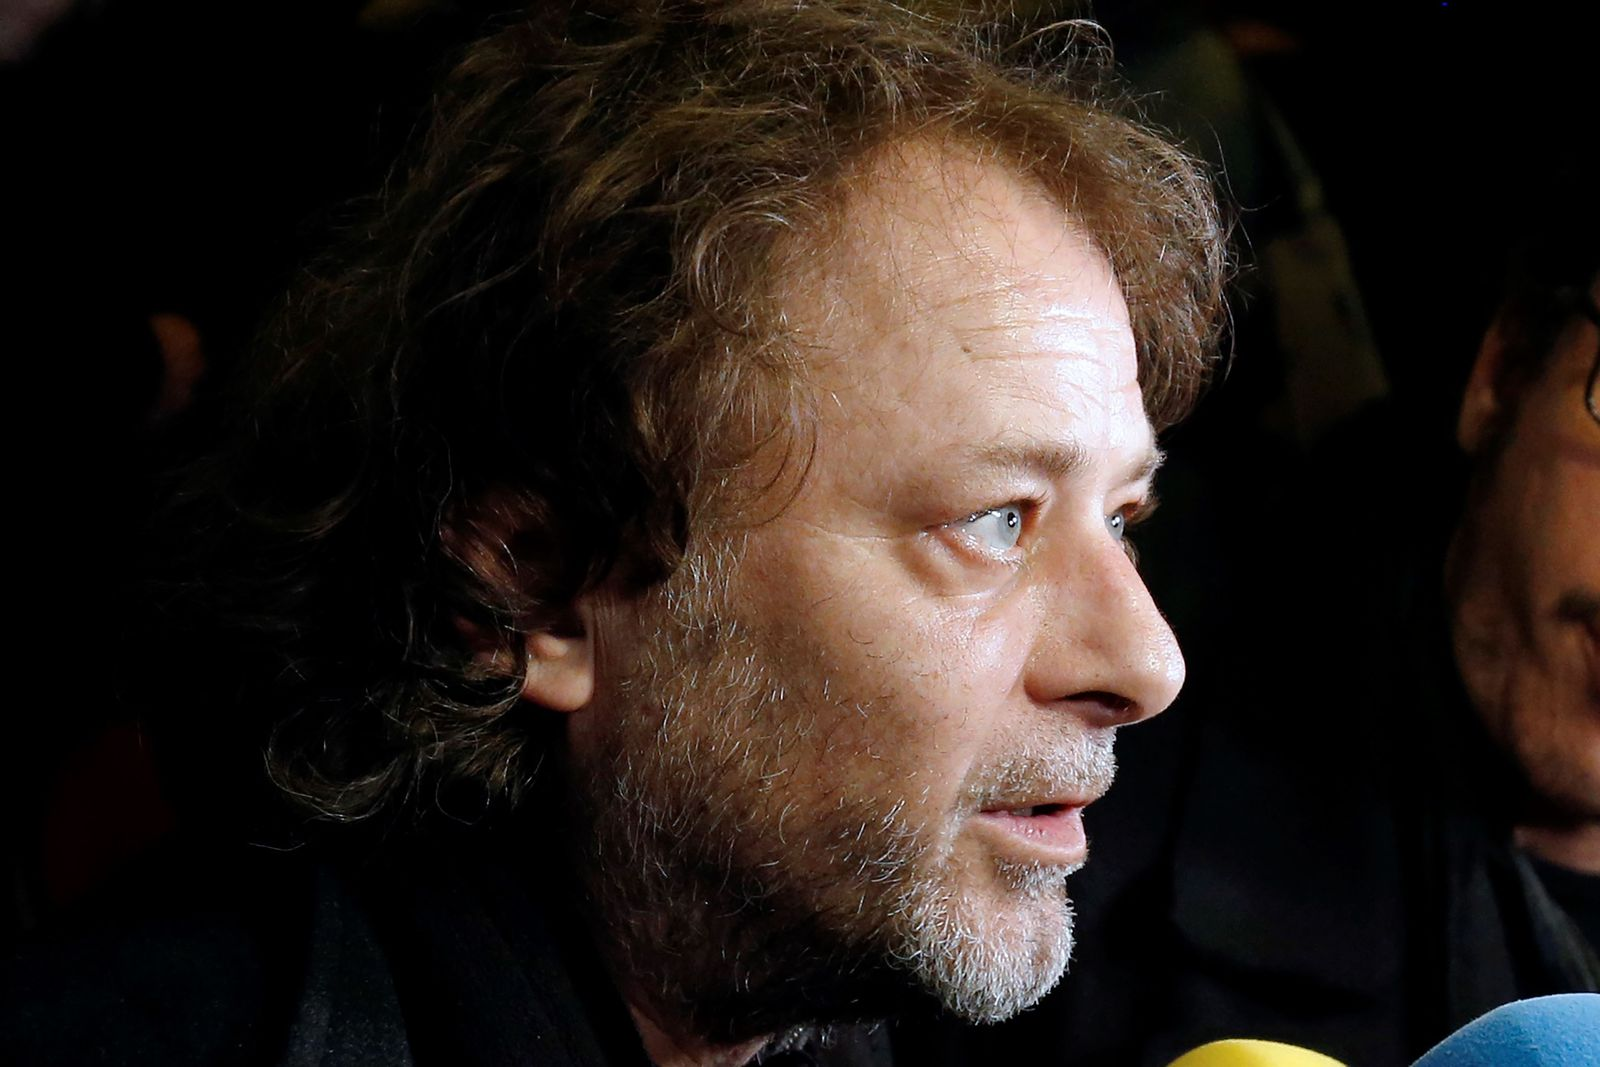 Christophe Ruggia